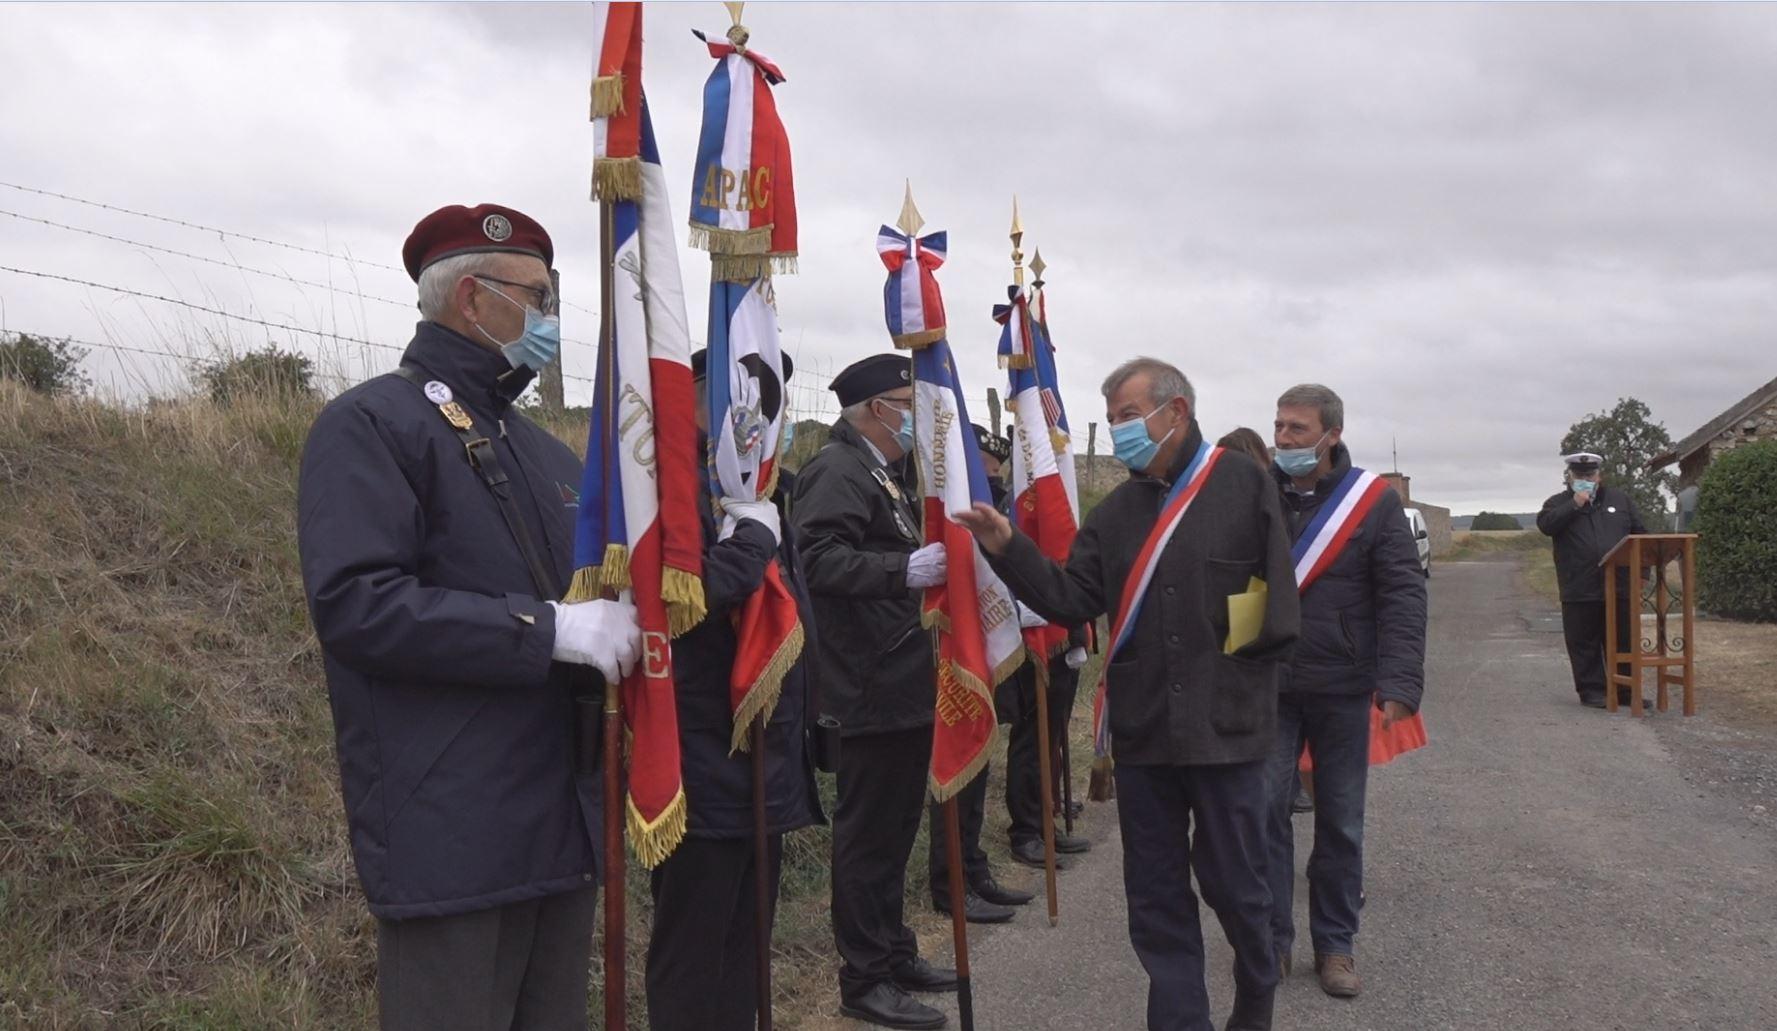 Les élus saluent les porte-drapeaux...